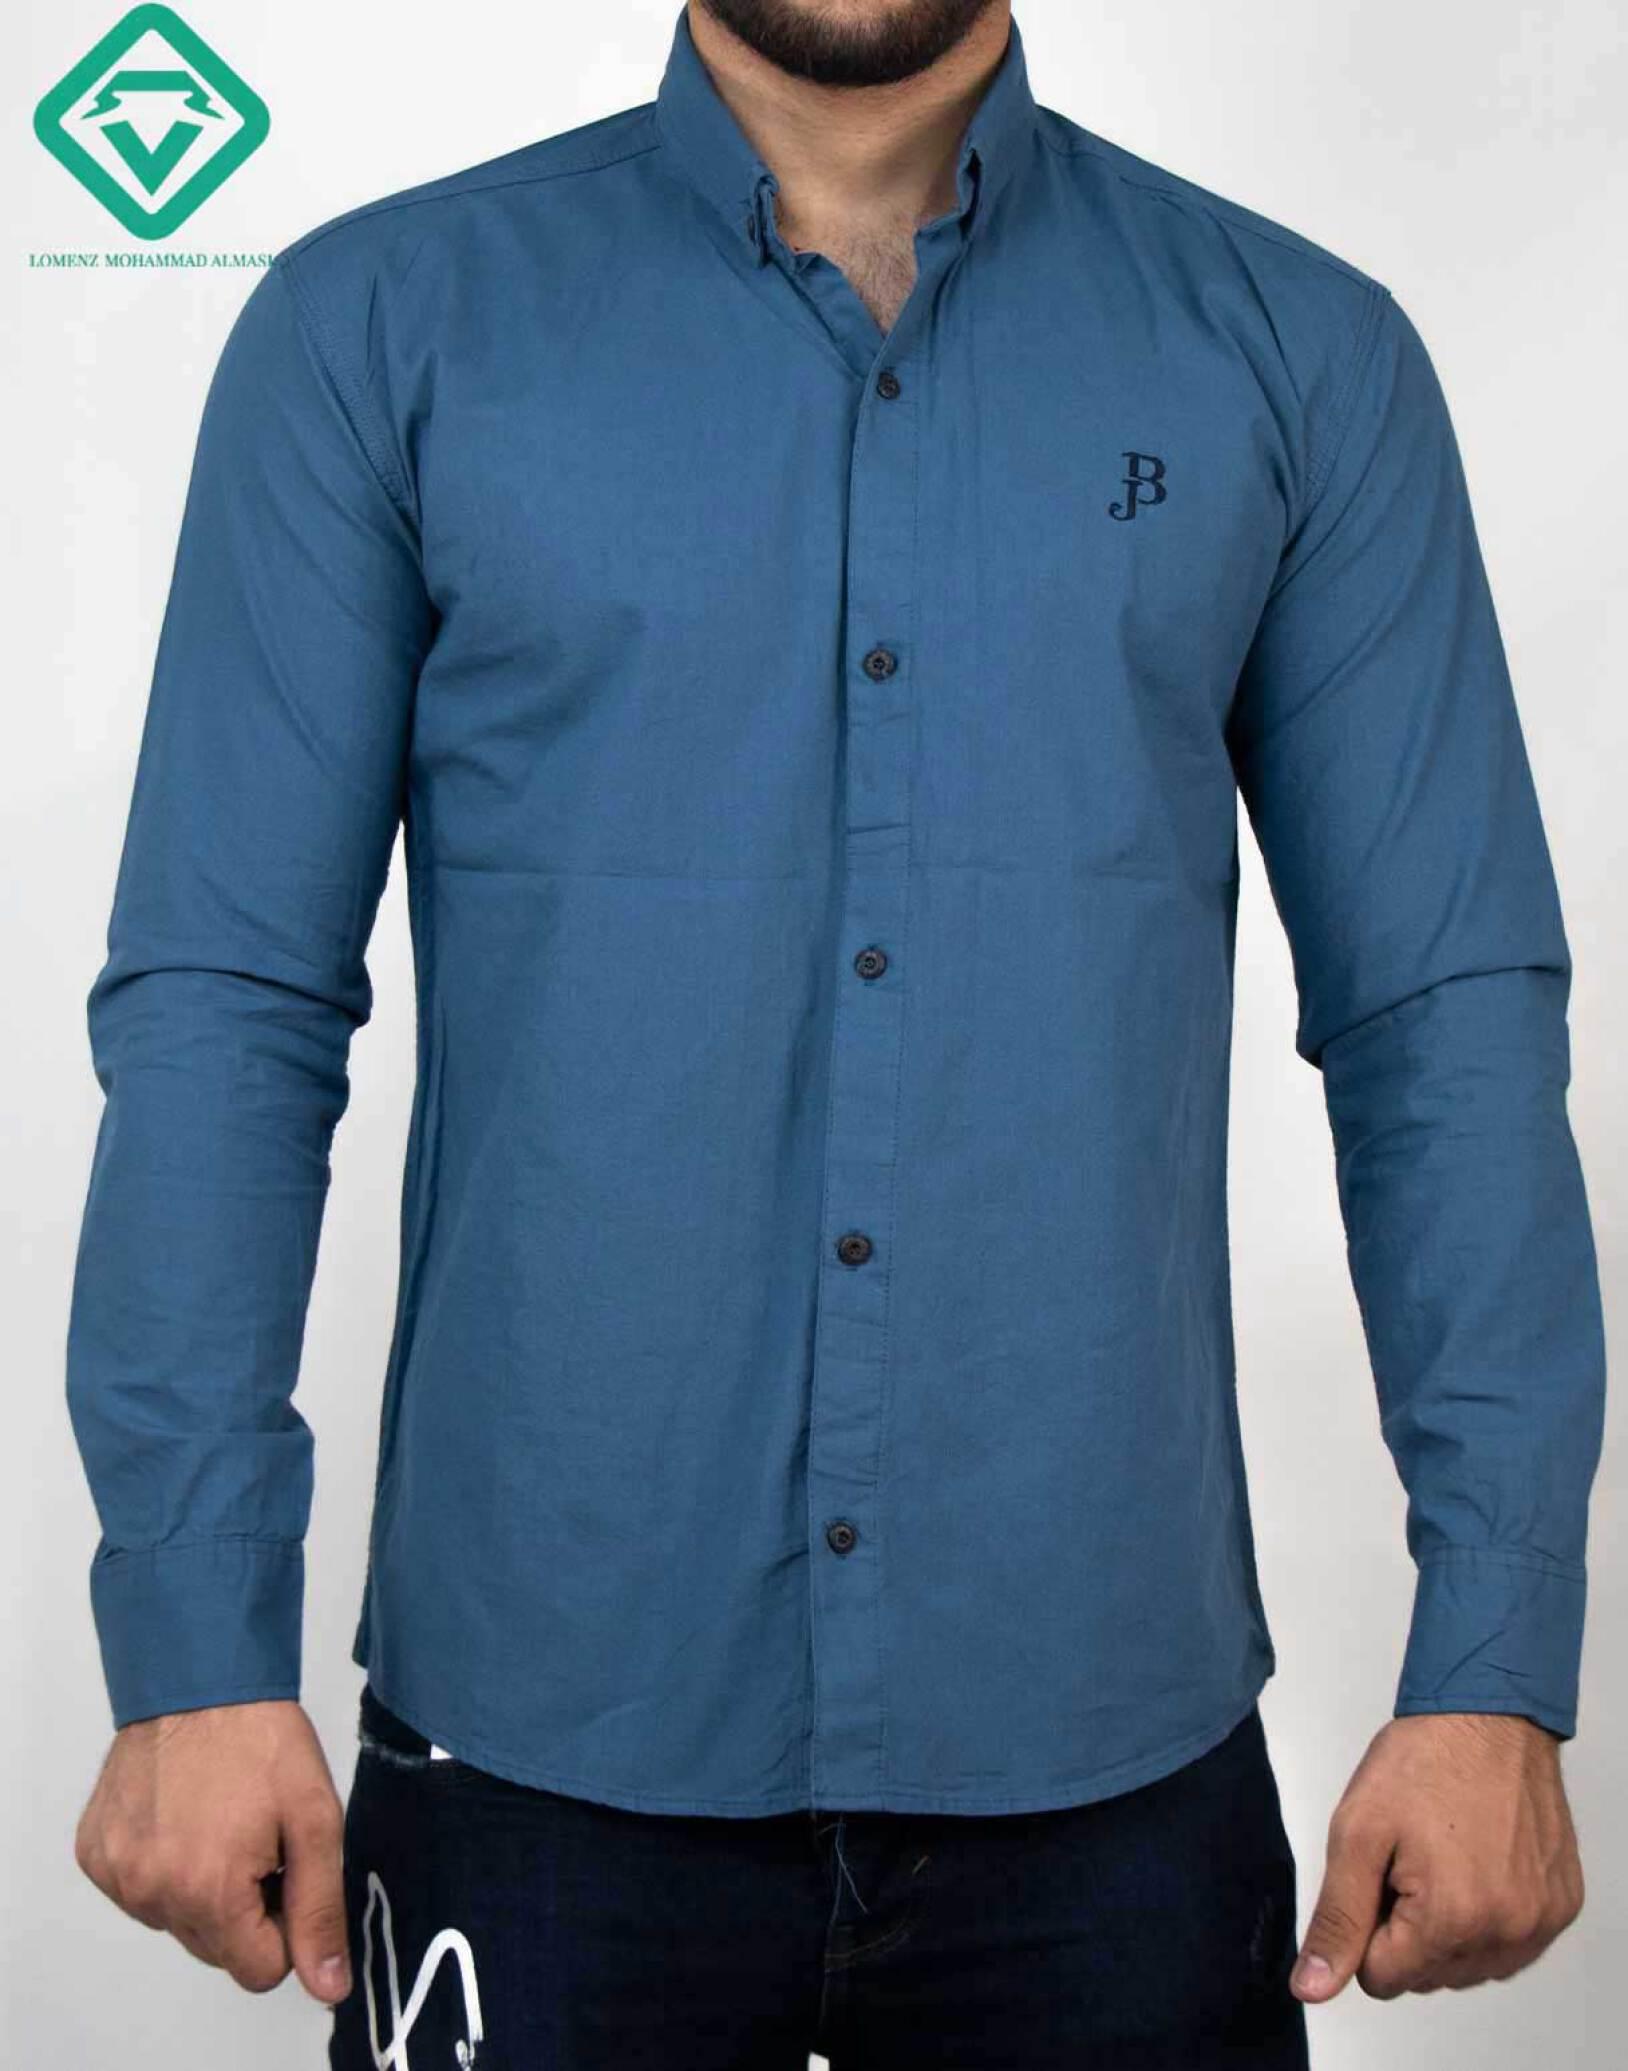 پیراهن آستین بلند اسپرت کد 001 تولید و ارائه شده توسط سایت لومنز